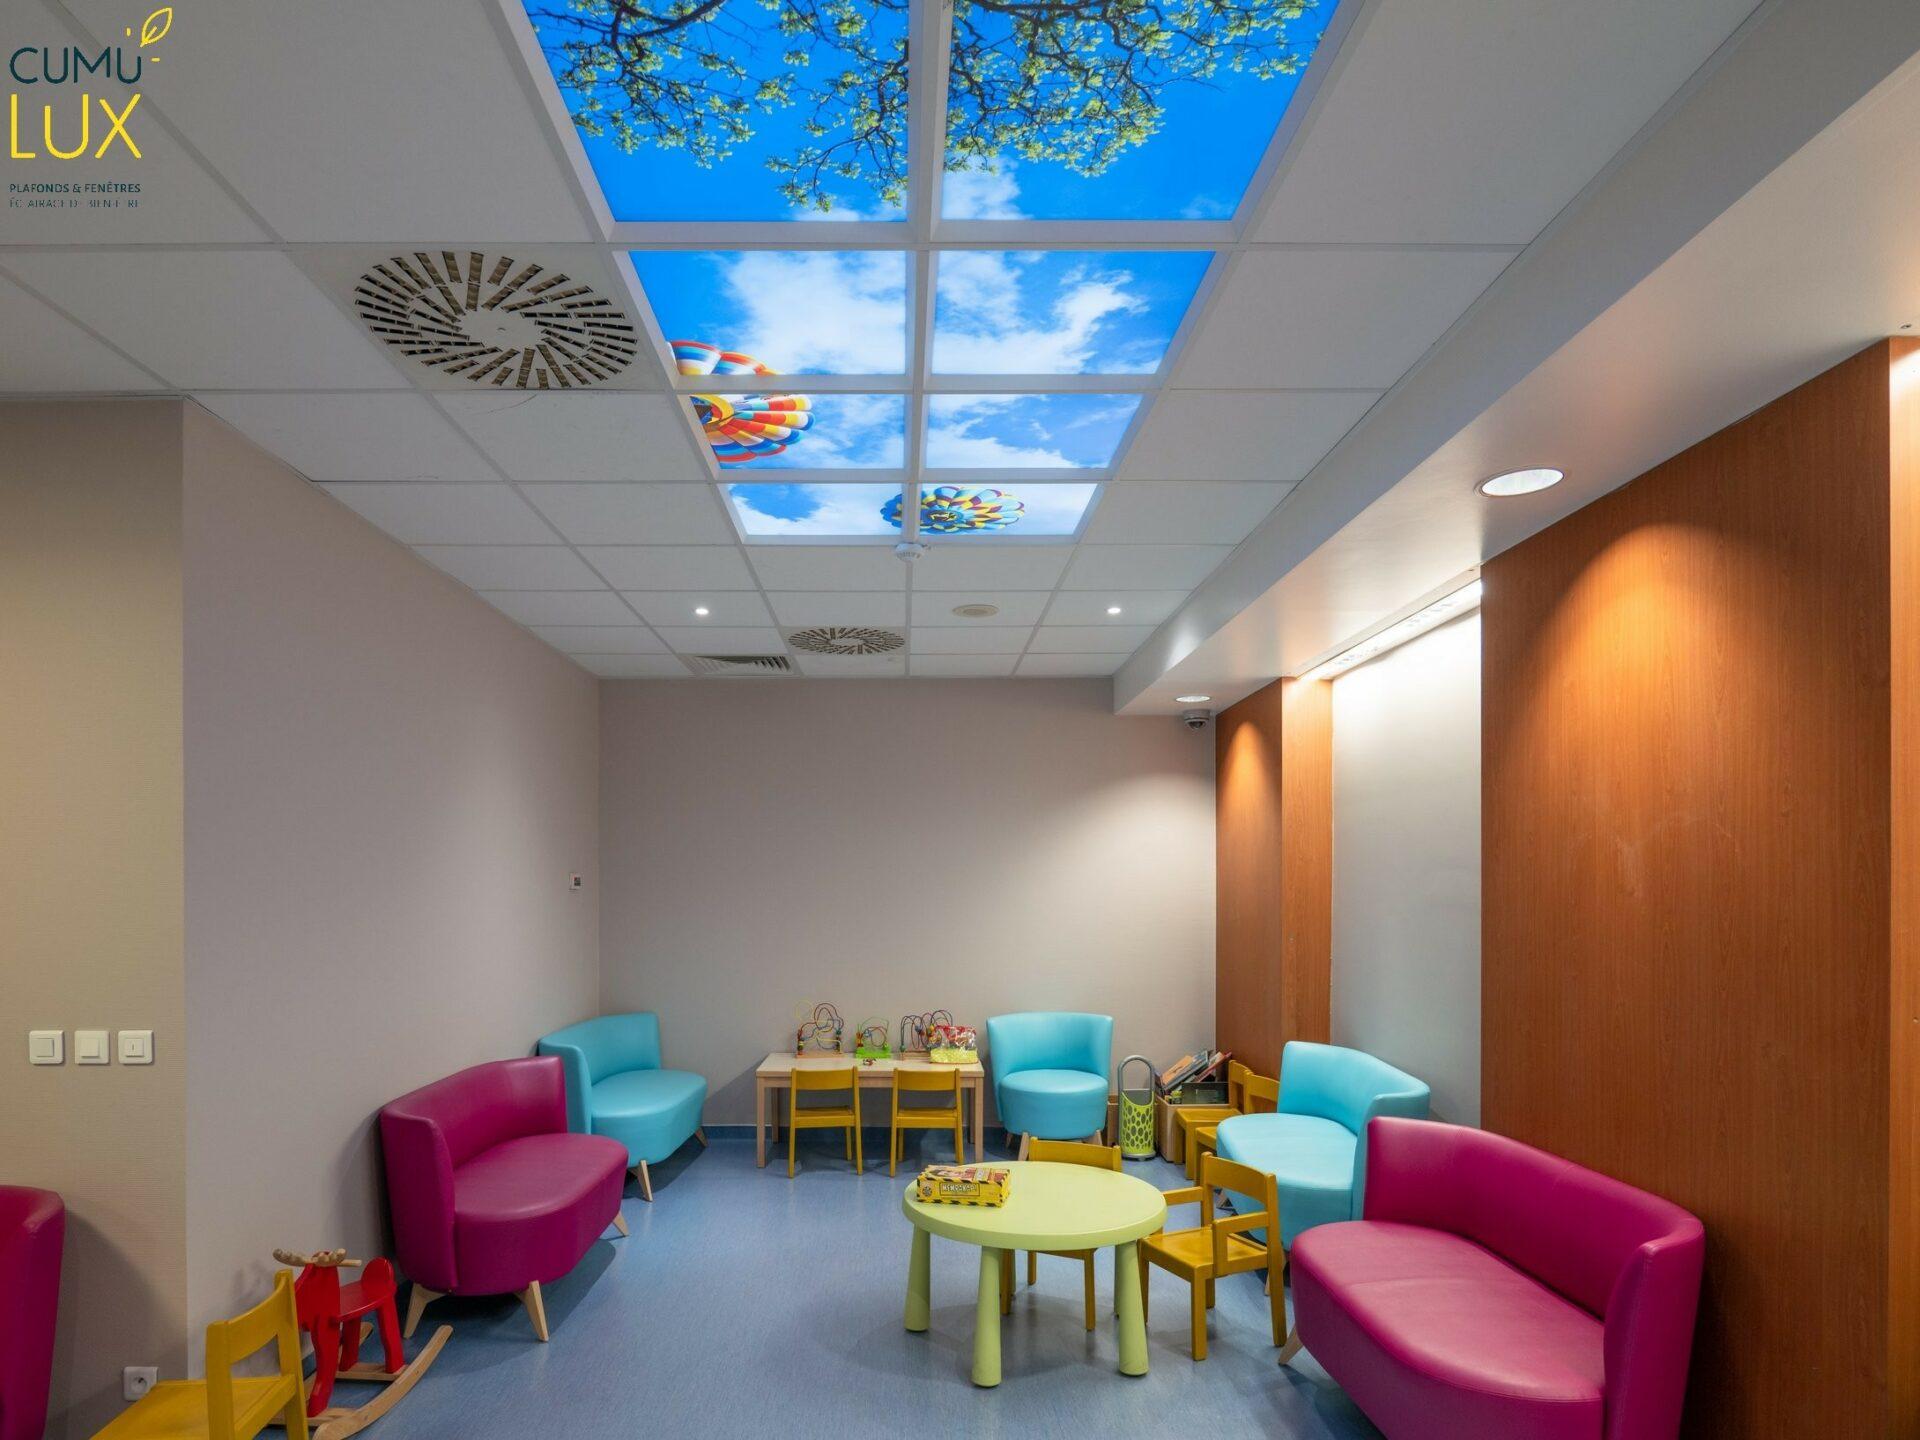 Faux plafond lumineux de 8 dalles pour éclairer une salle d'attente pour enfants au sous-sol au centre de cancérologie Gustave Roussy.